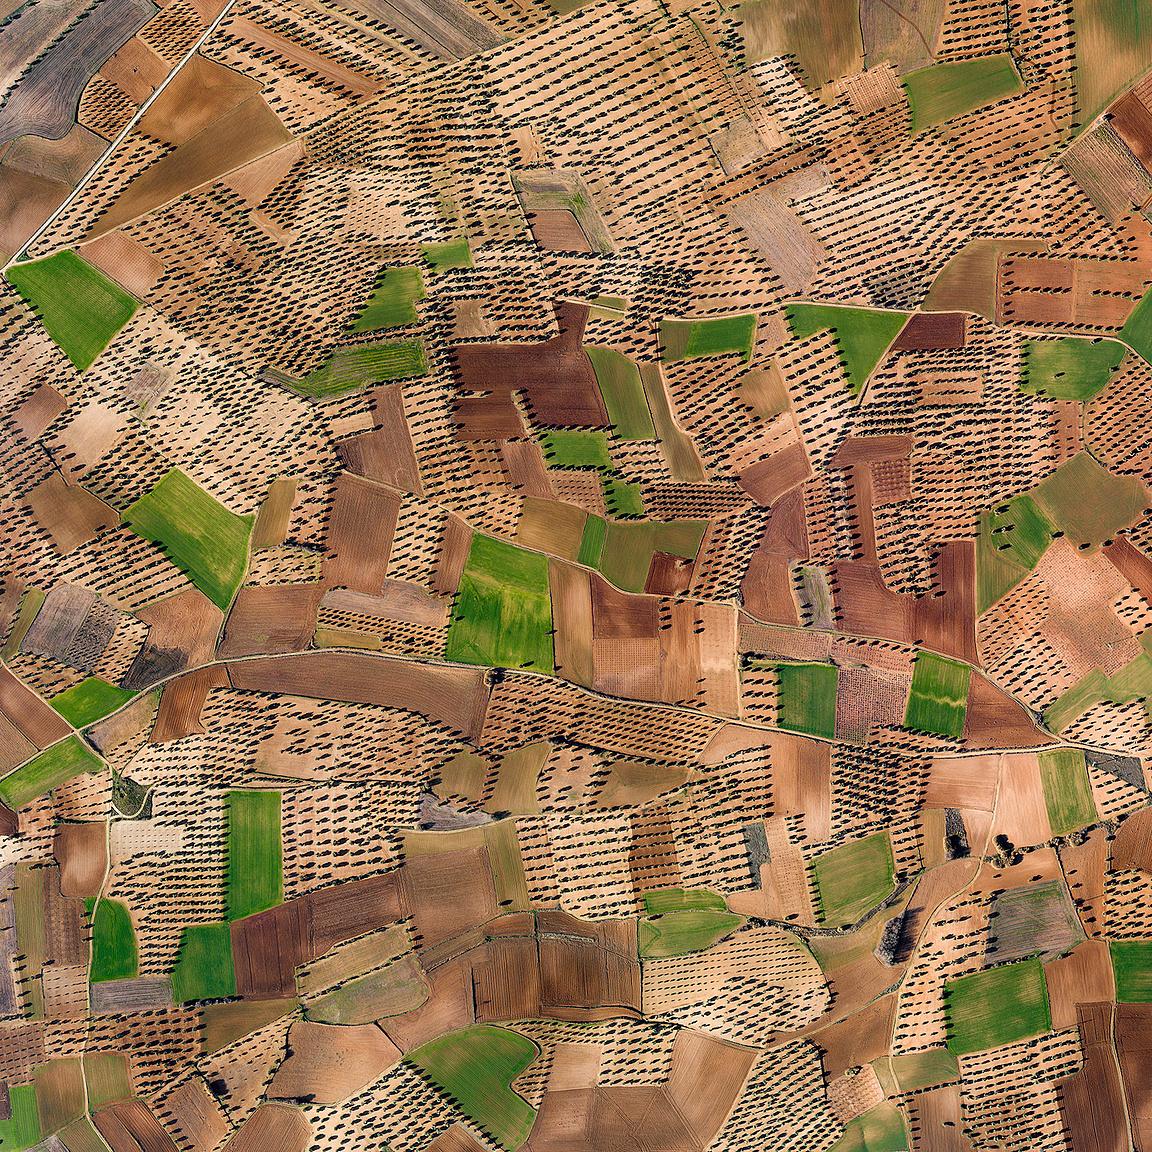 Valdecarabanos-232558.jpg